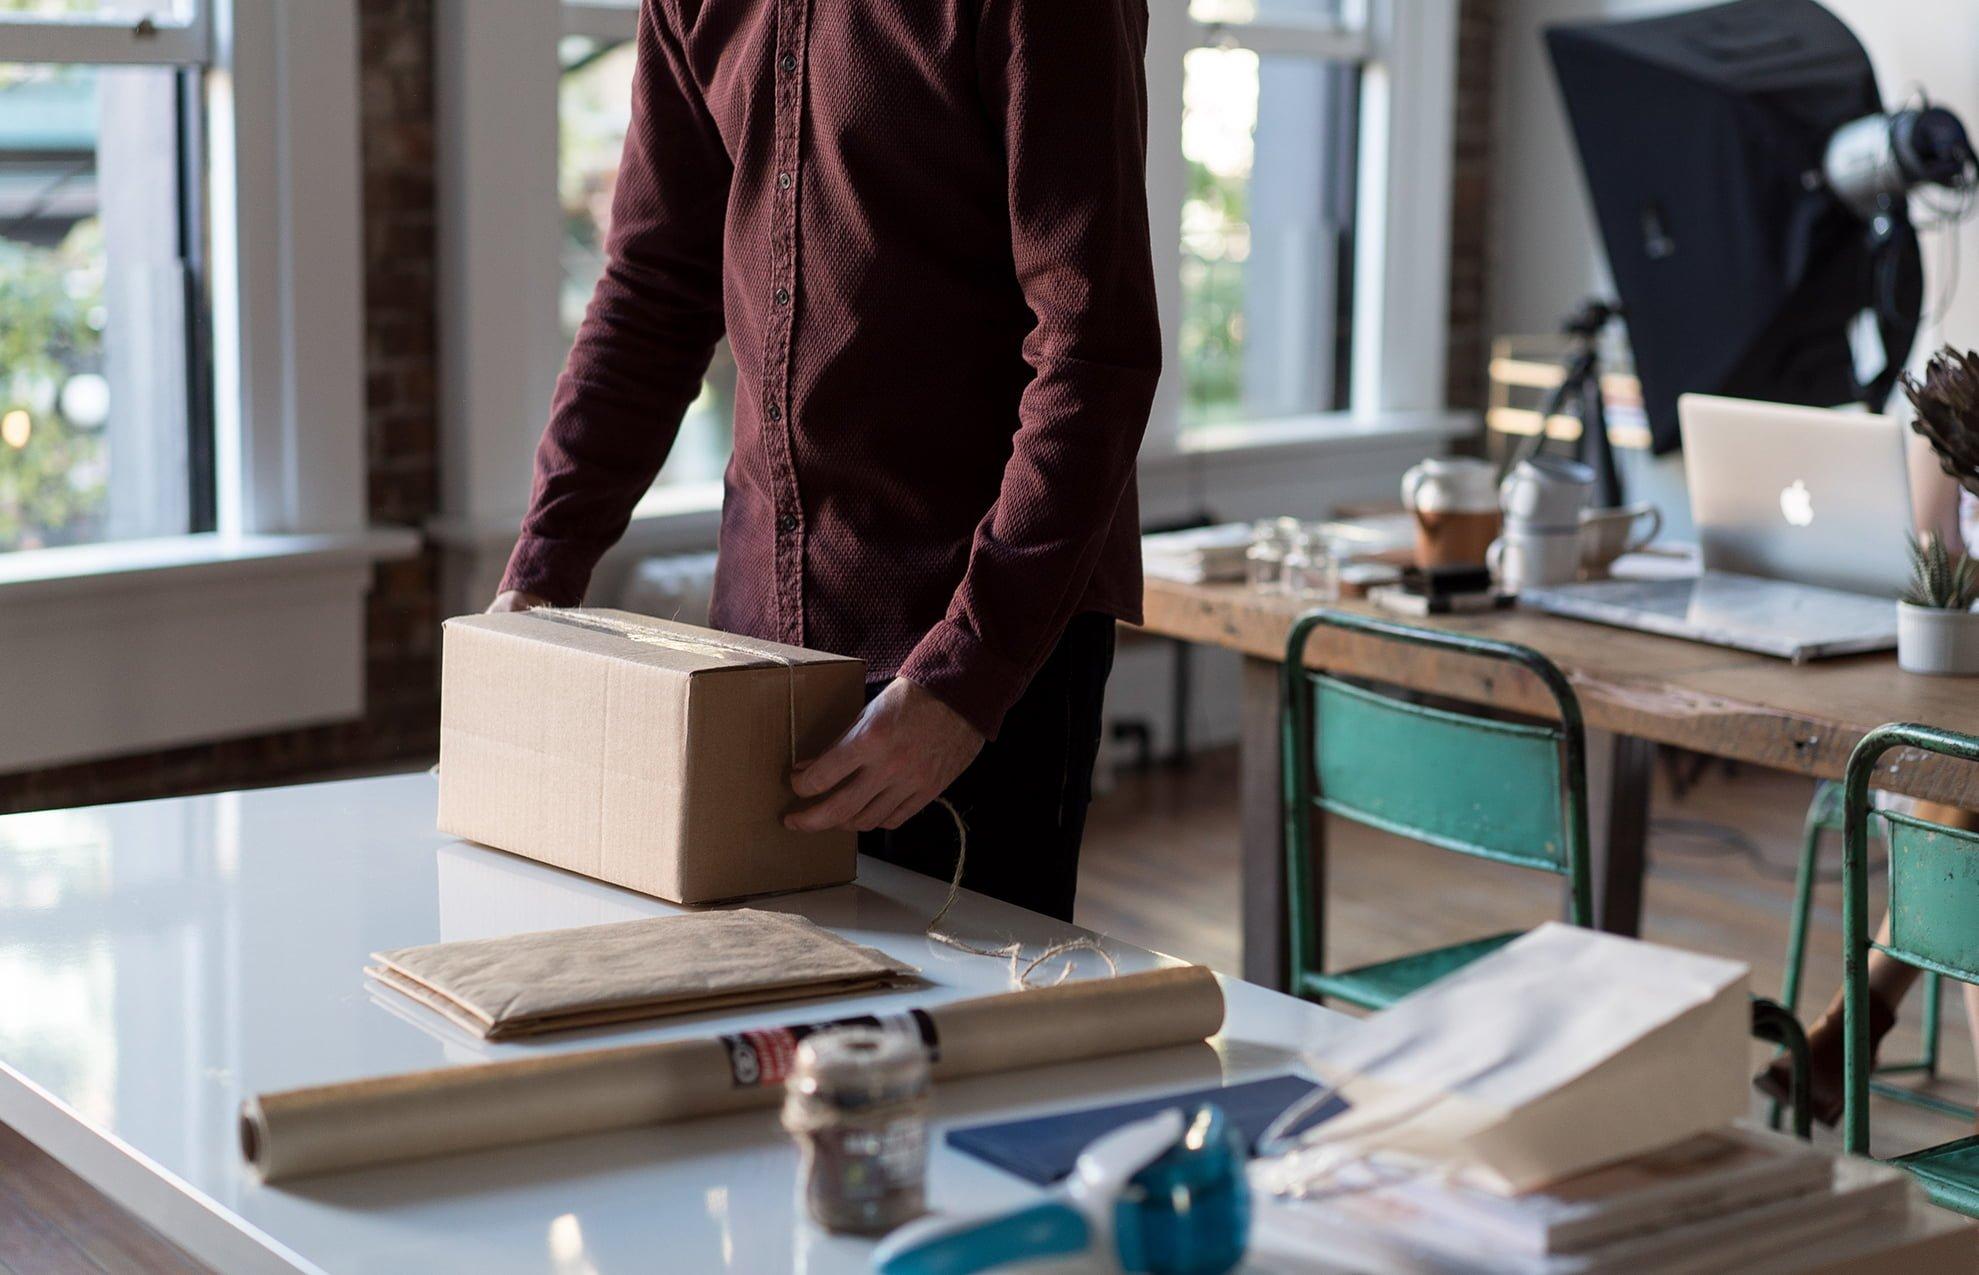 experiencia unboxing para clientes - ¿Qué es el unboxing? ¿Cómo puede mejorar la decisión de compra de un cliente?